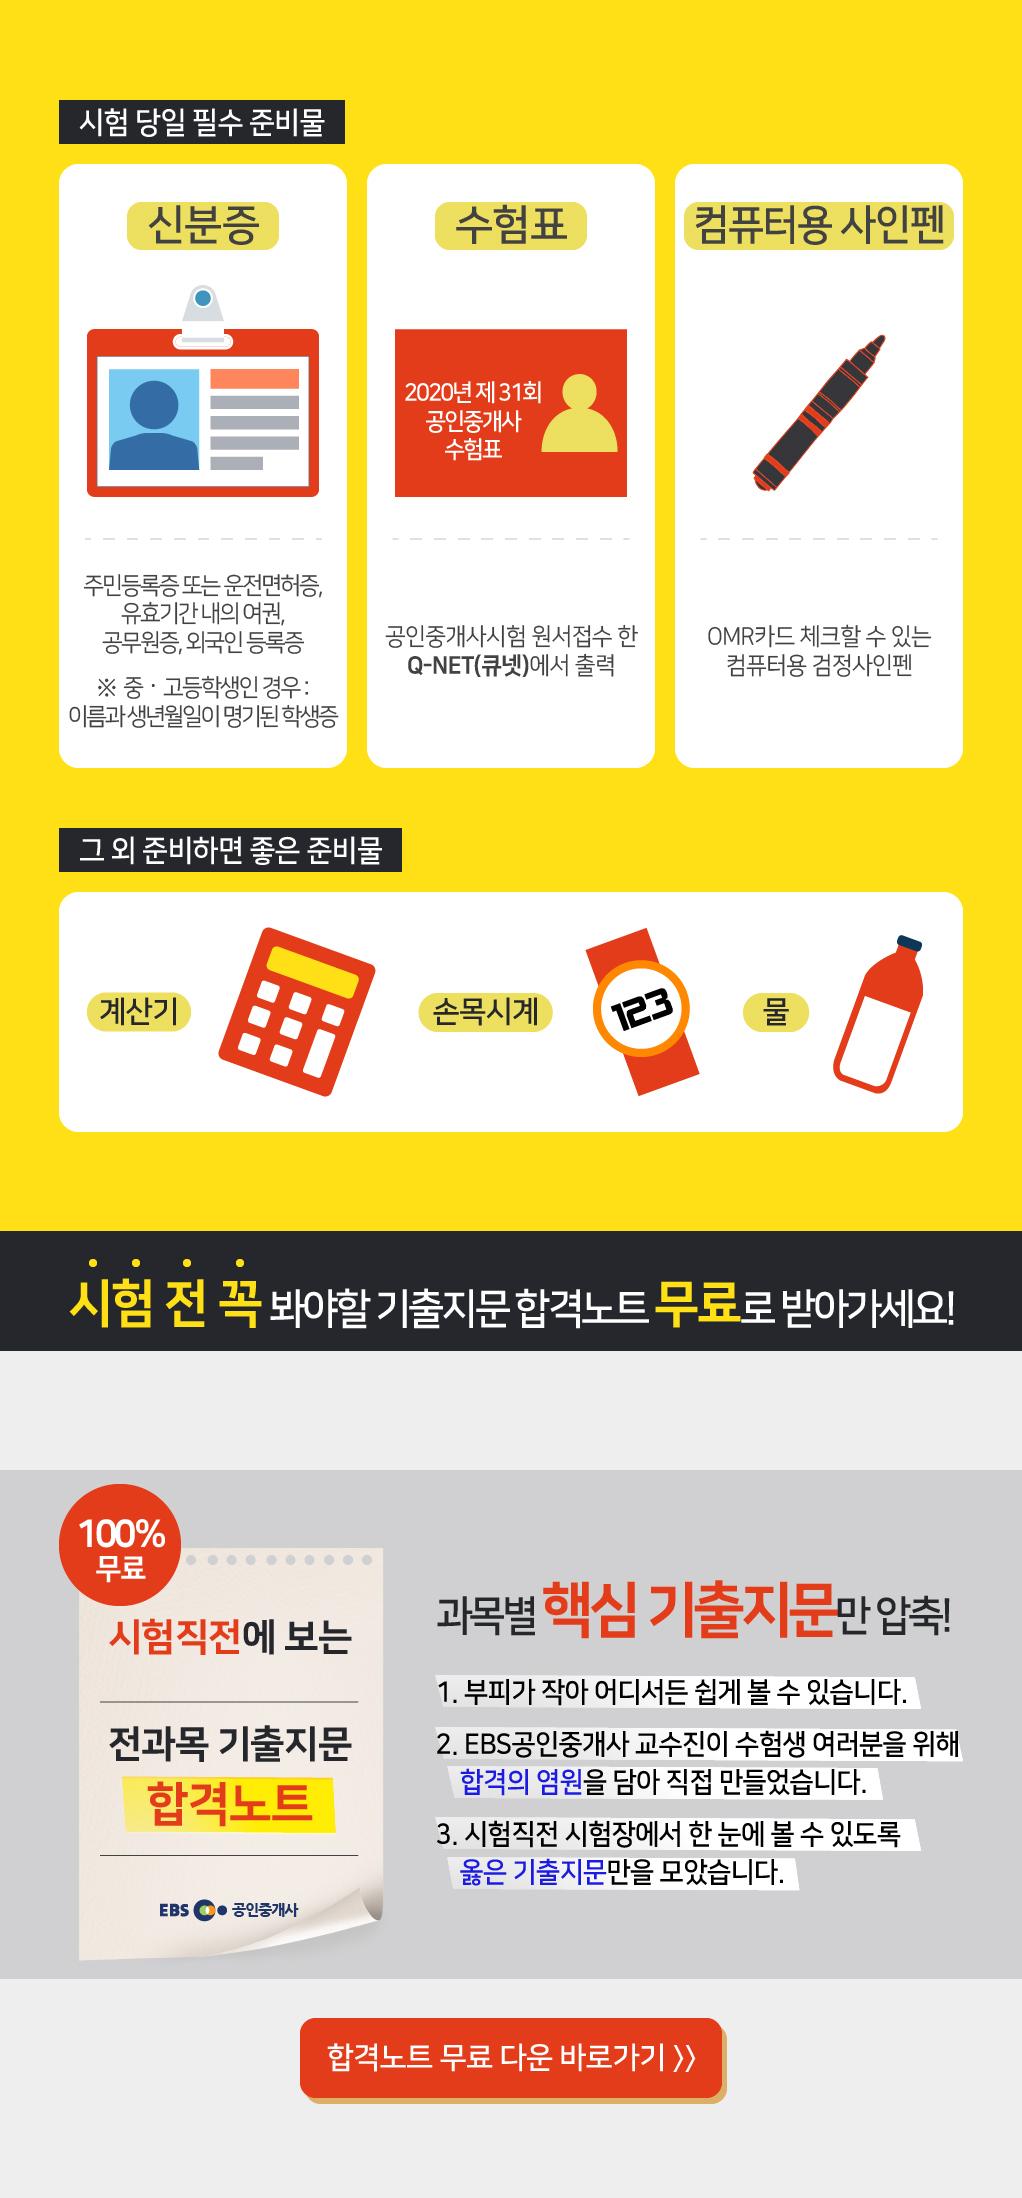 EBS공인중개사 합격기원 기출지문 합격노트 무료배포 이벤트